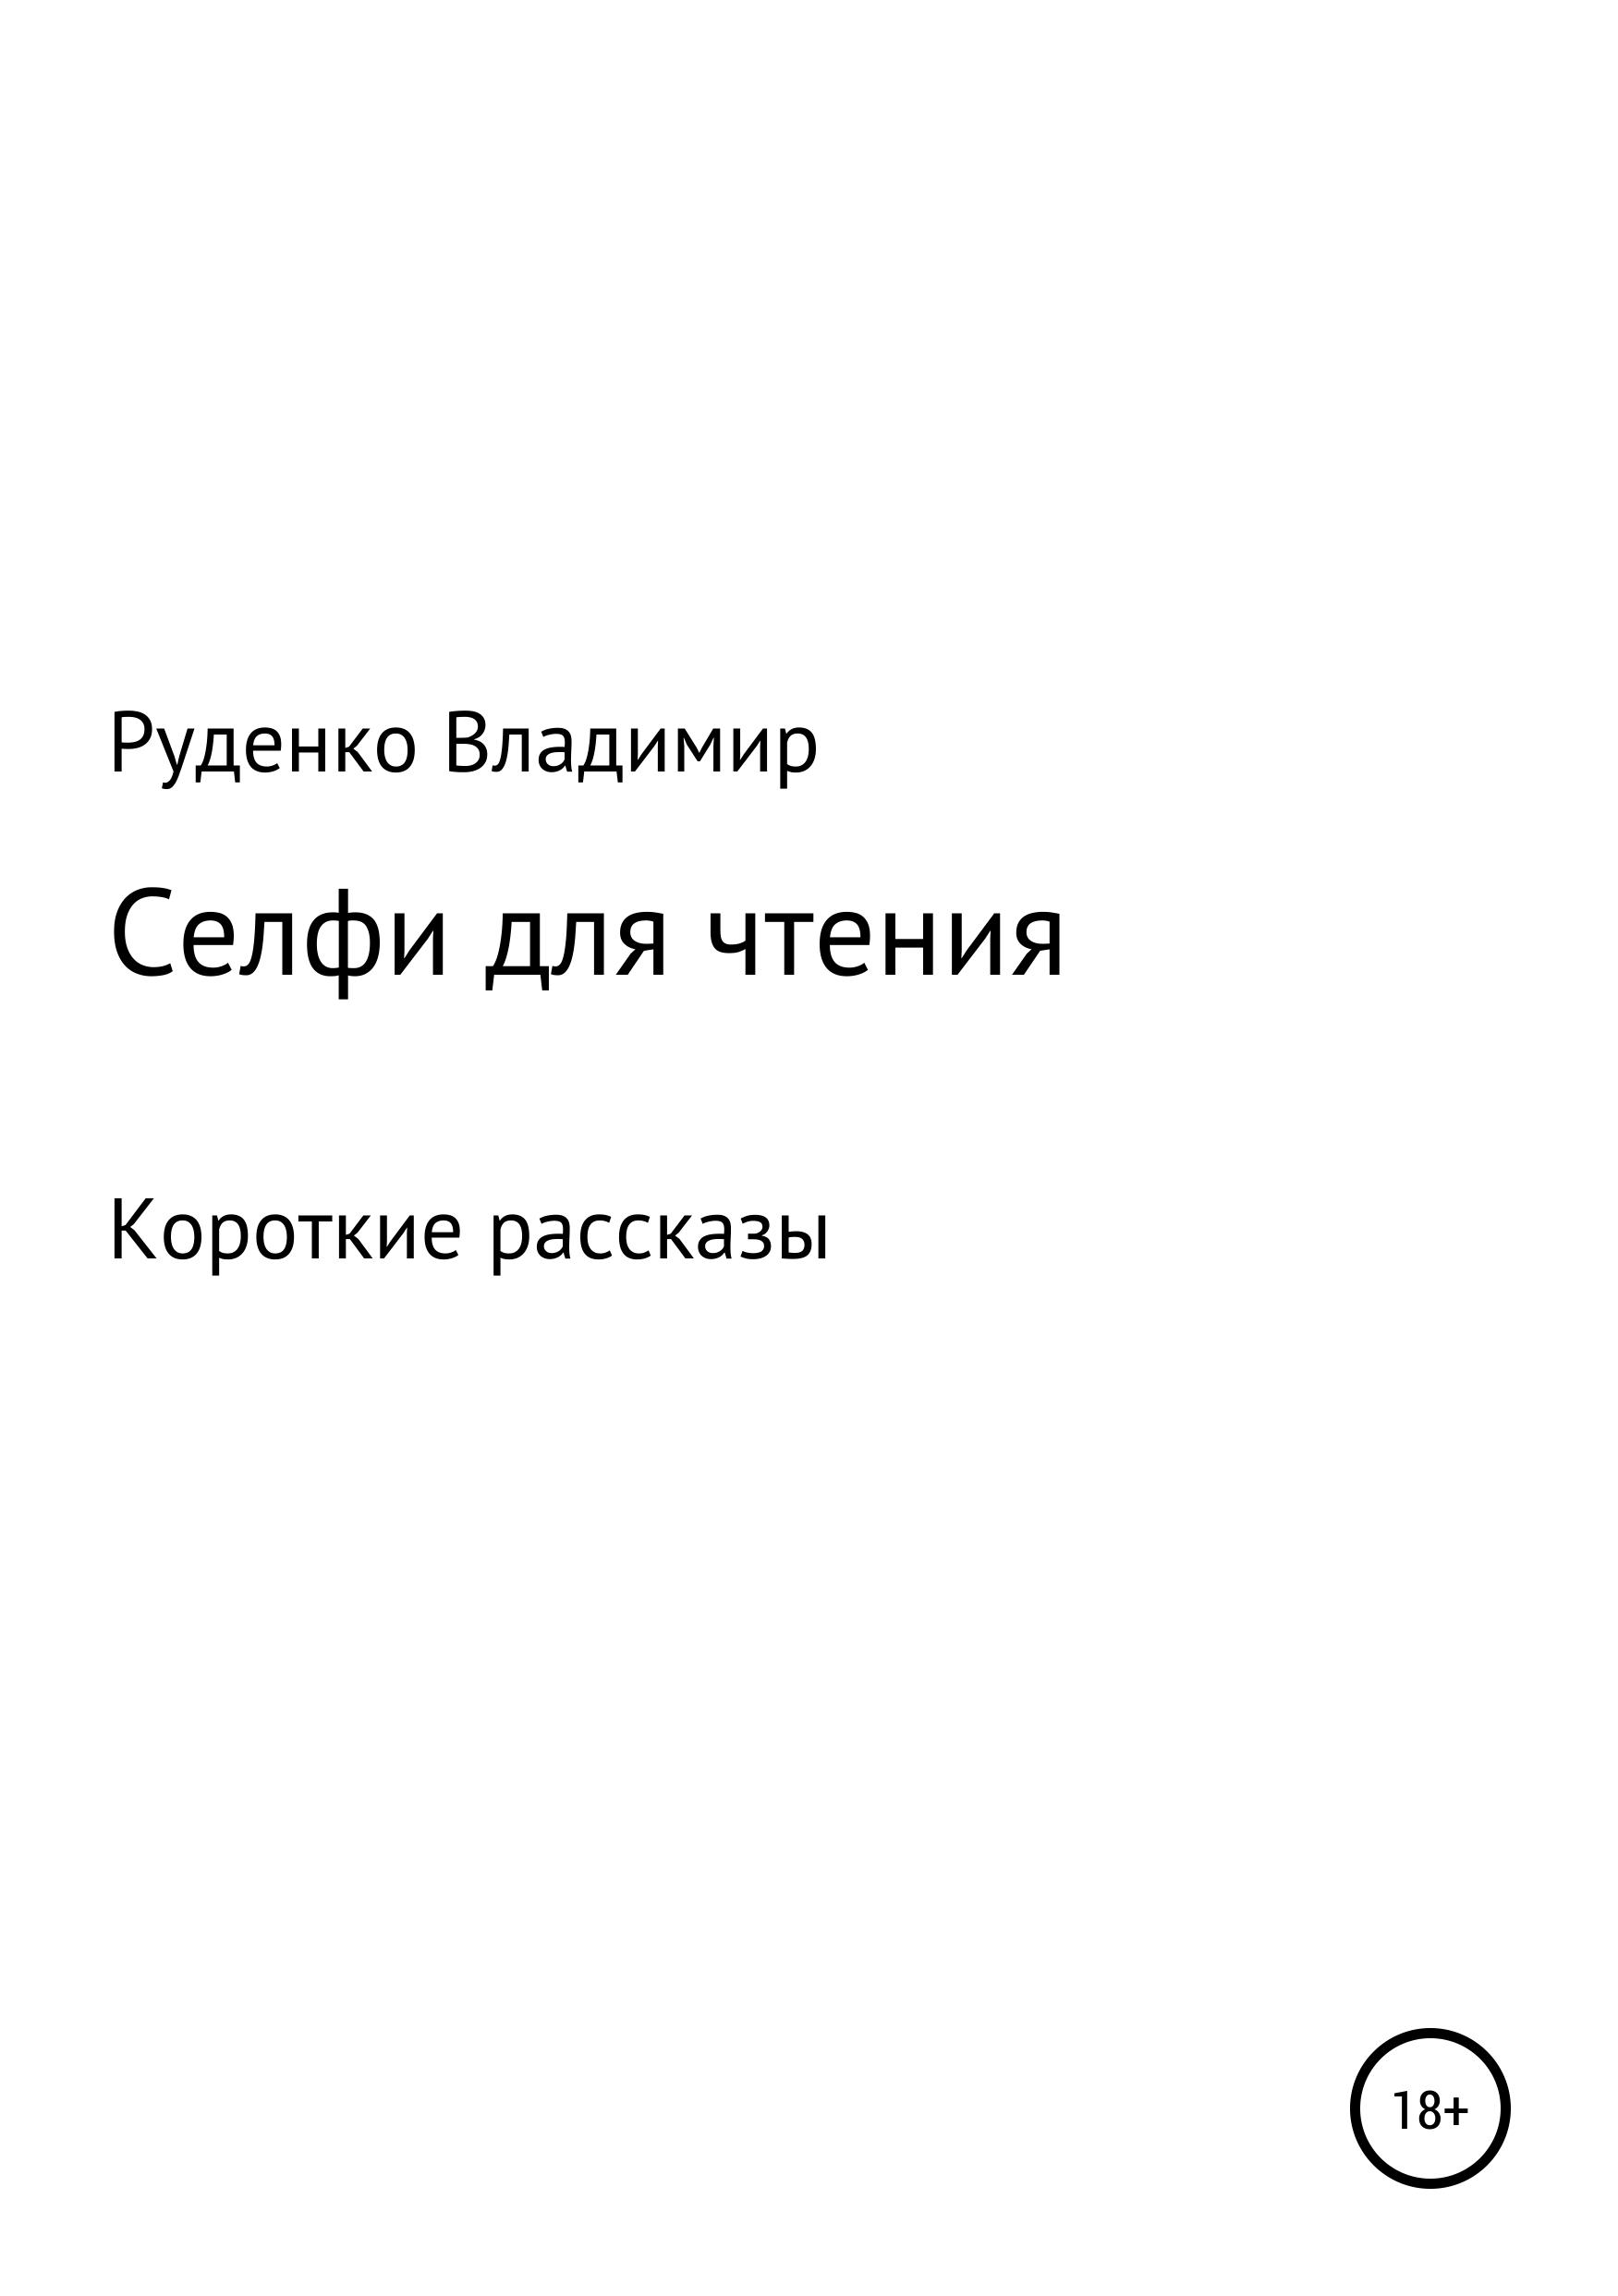 Владимир Руденко Селфи для чтения